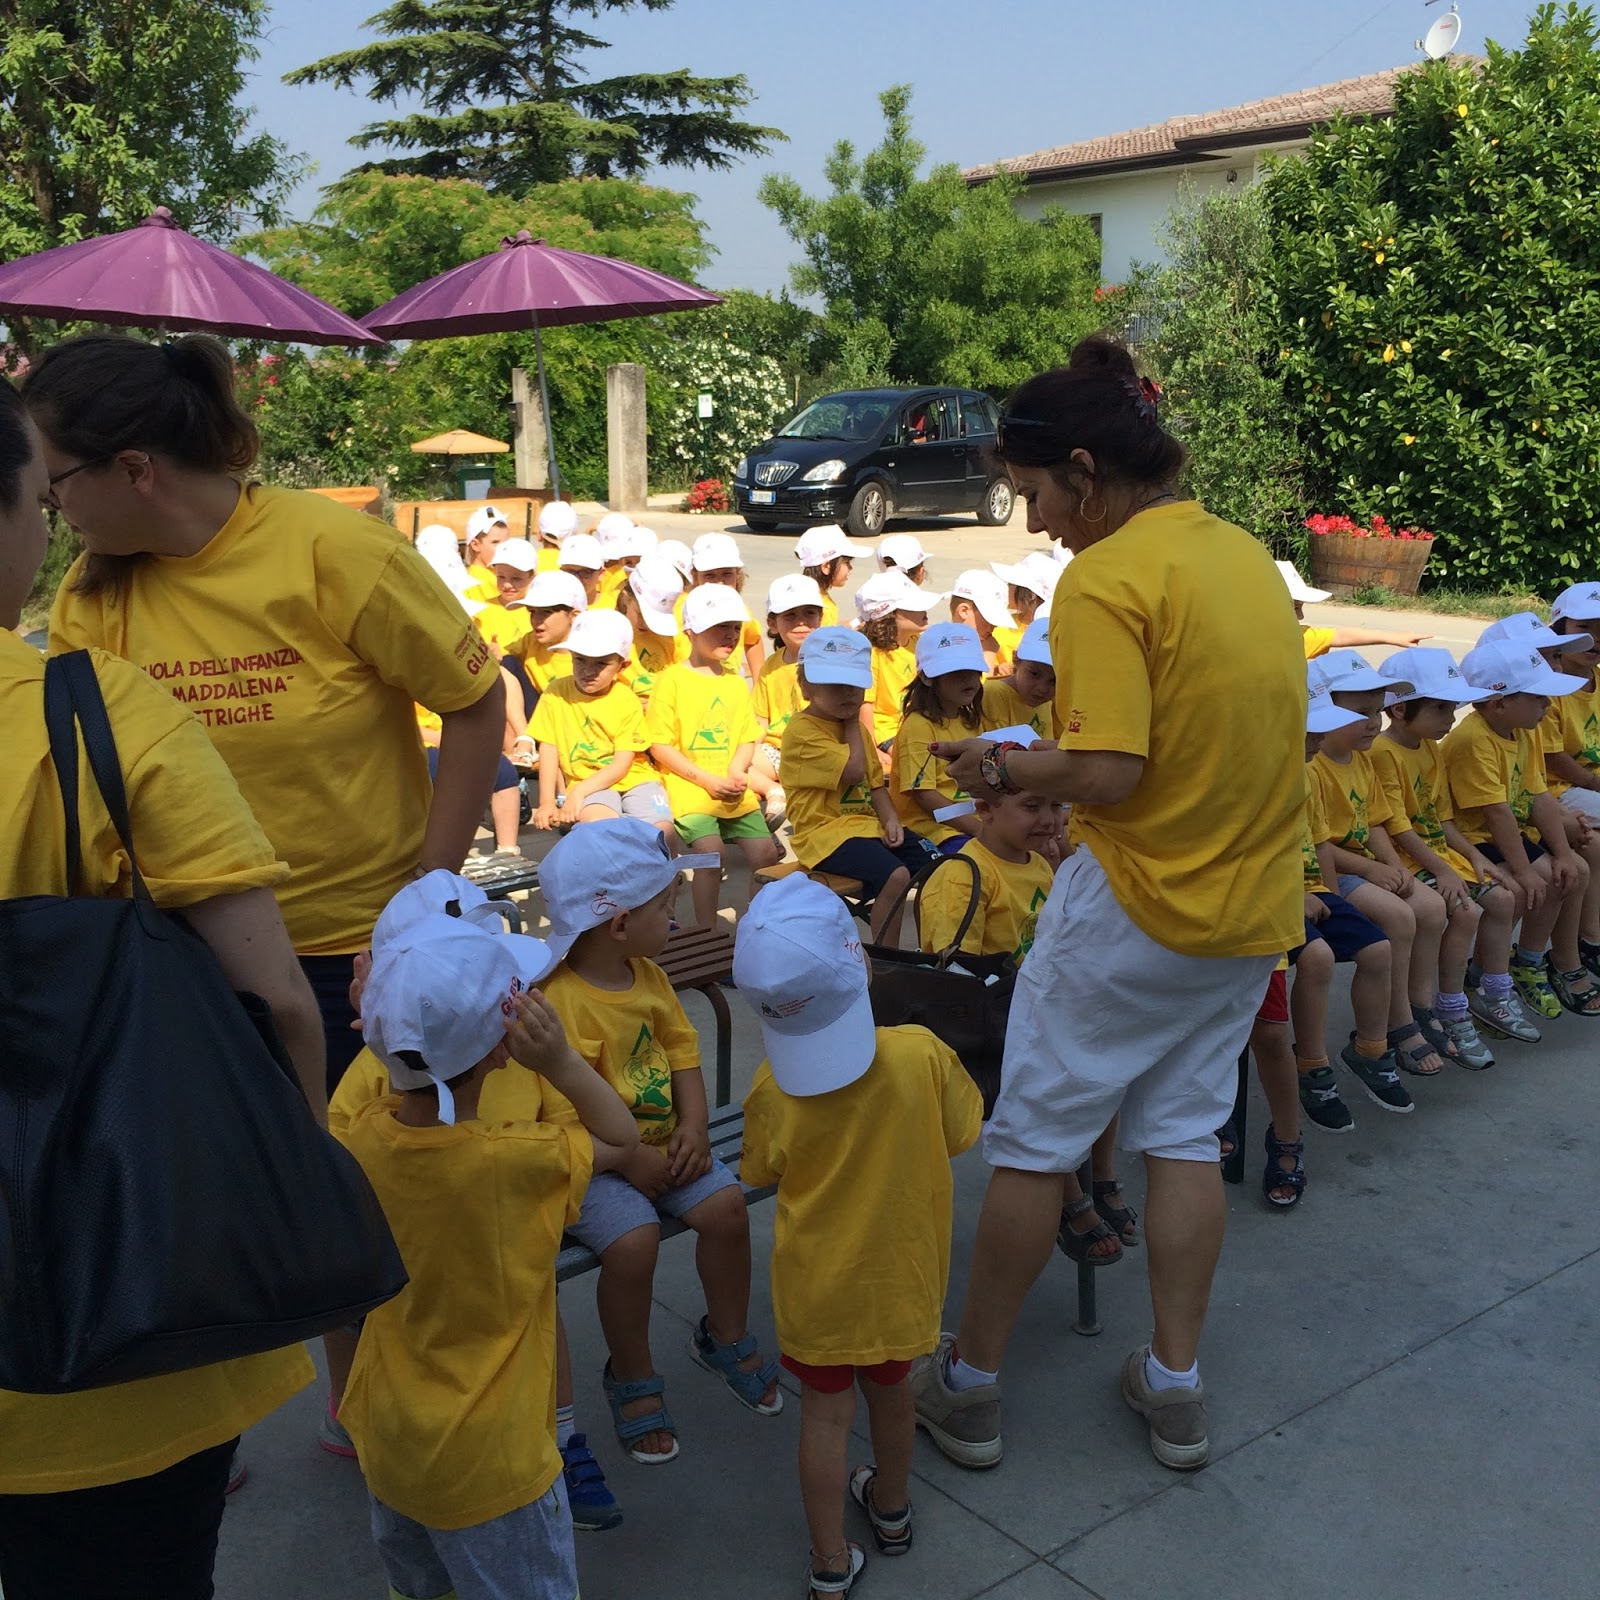 Scuola dell 39 infanzia u maddalena visita in fattoria la for Piani di fattoria georgia